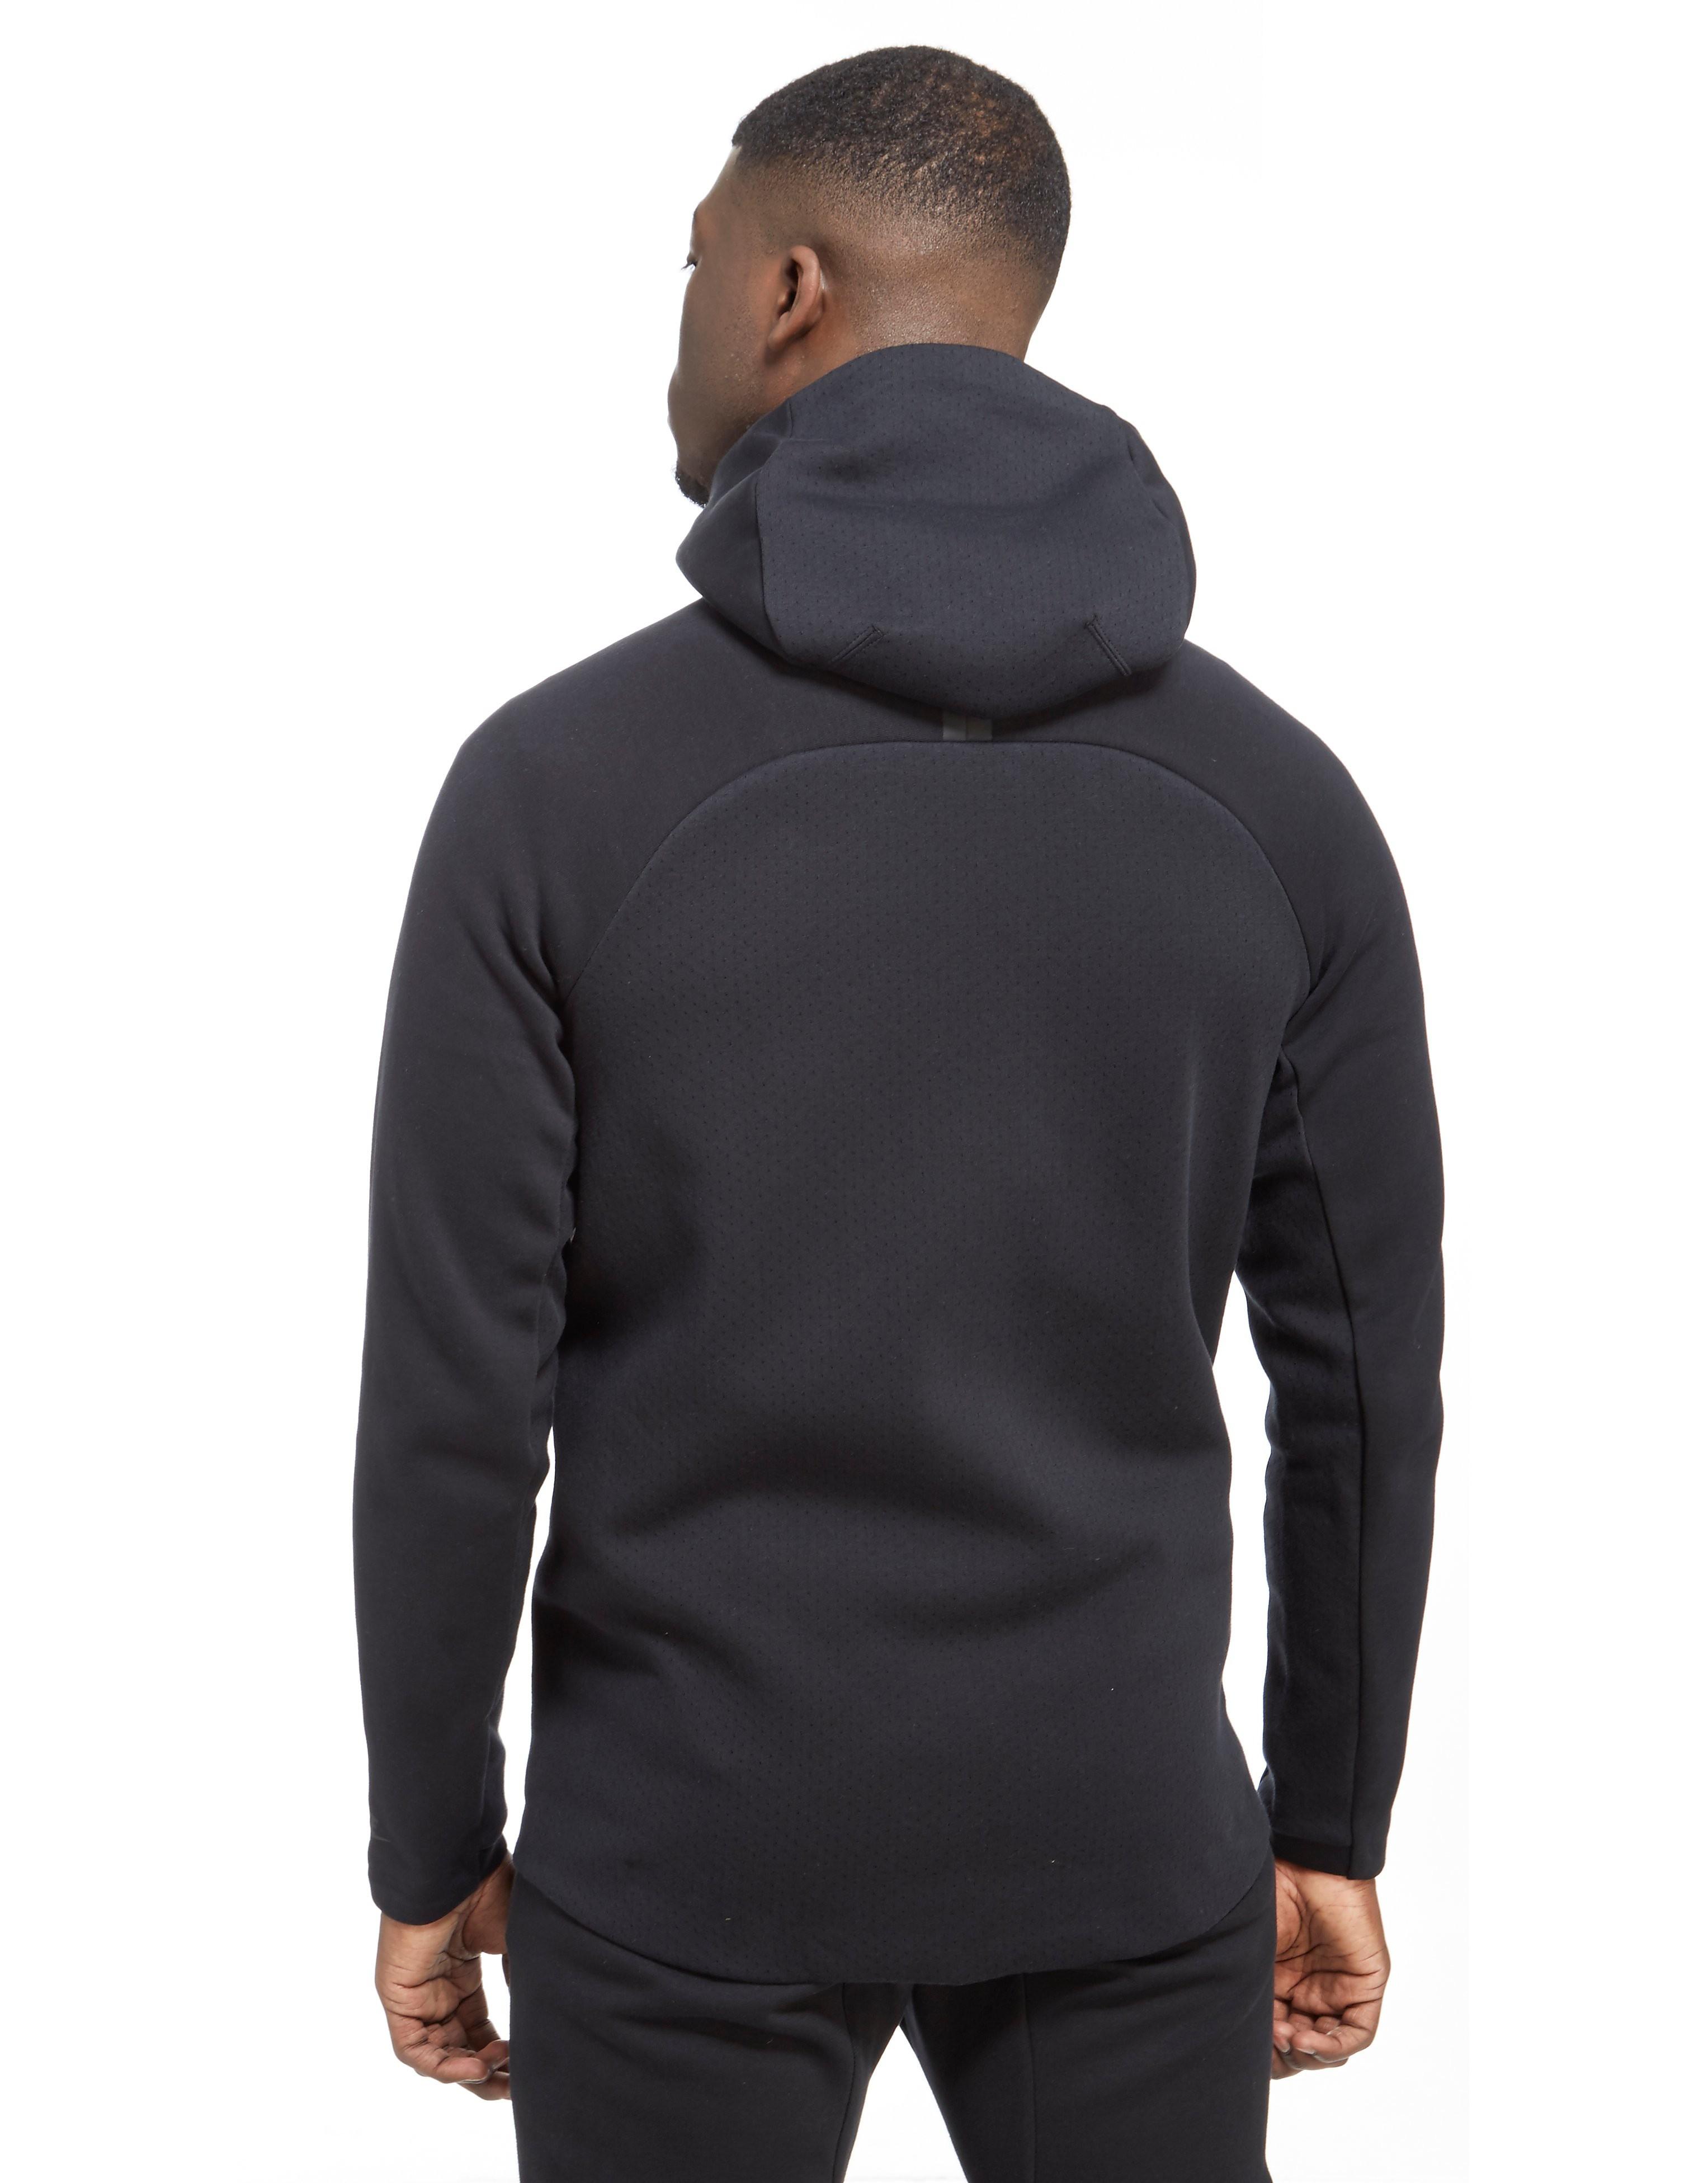 Nike Sporstwear Tech Fleece Zip Up Hoodie